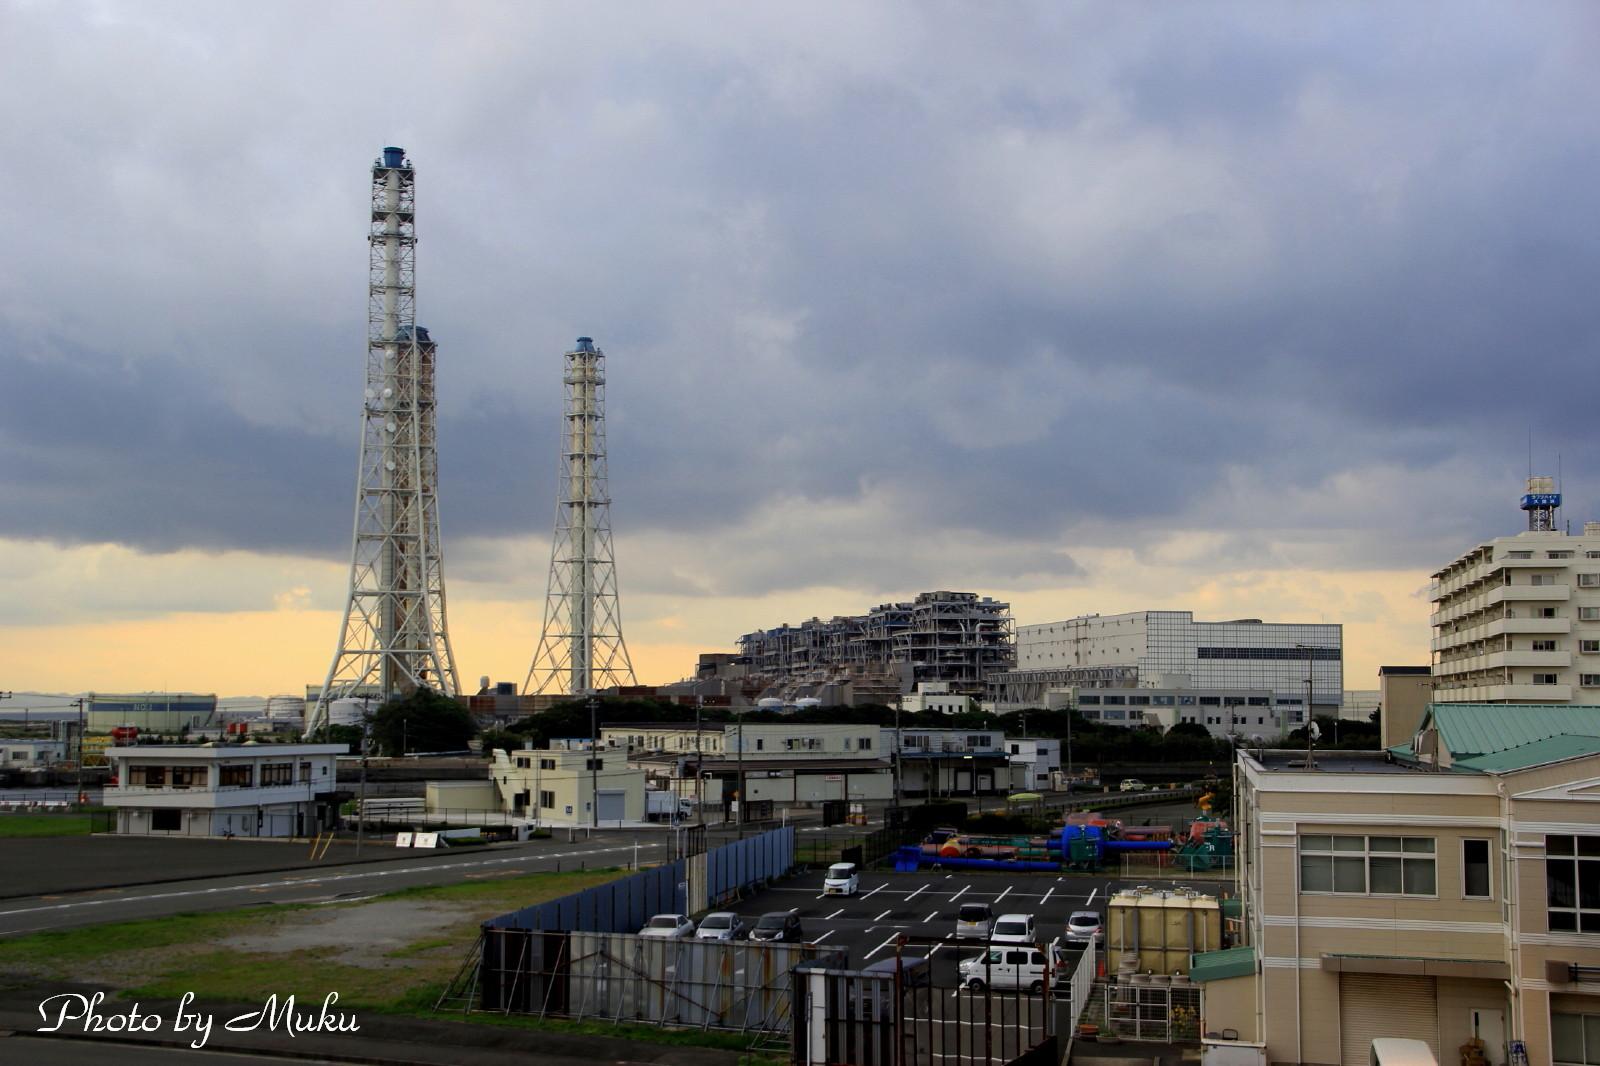 2014.9.24 横須賀火力発電所 (久里浜港:神奈川県横須賀市)